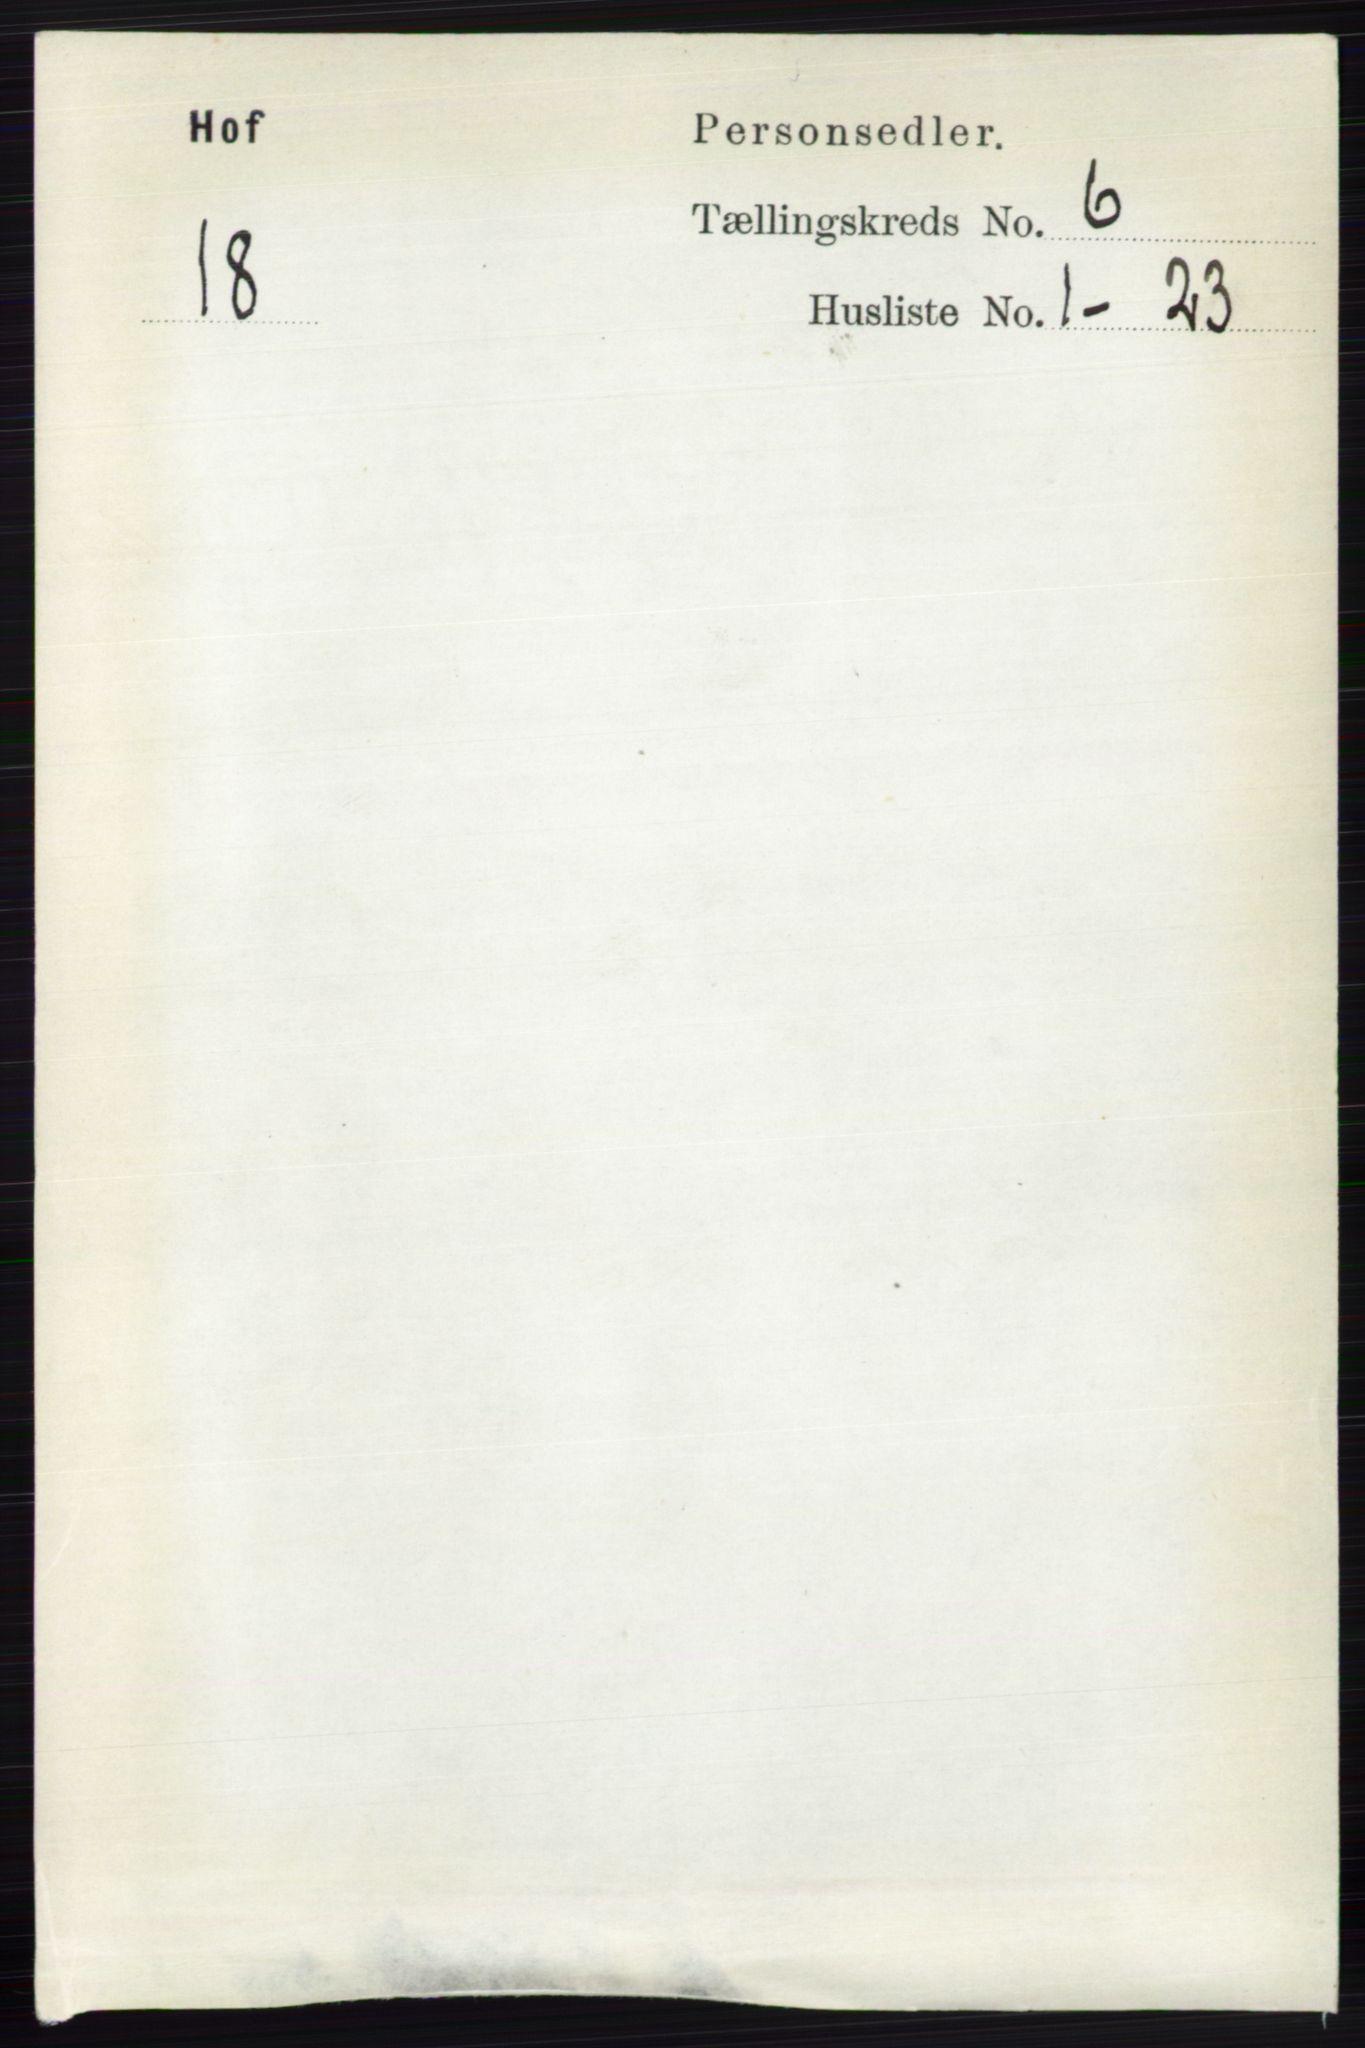 RA, Folketelling 1891 for 0424 Hof herred, 1891, s. 2249